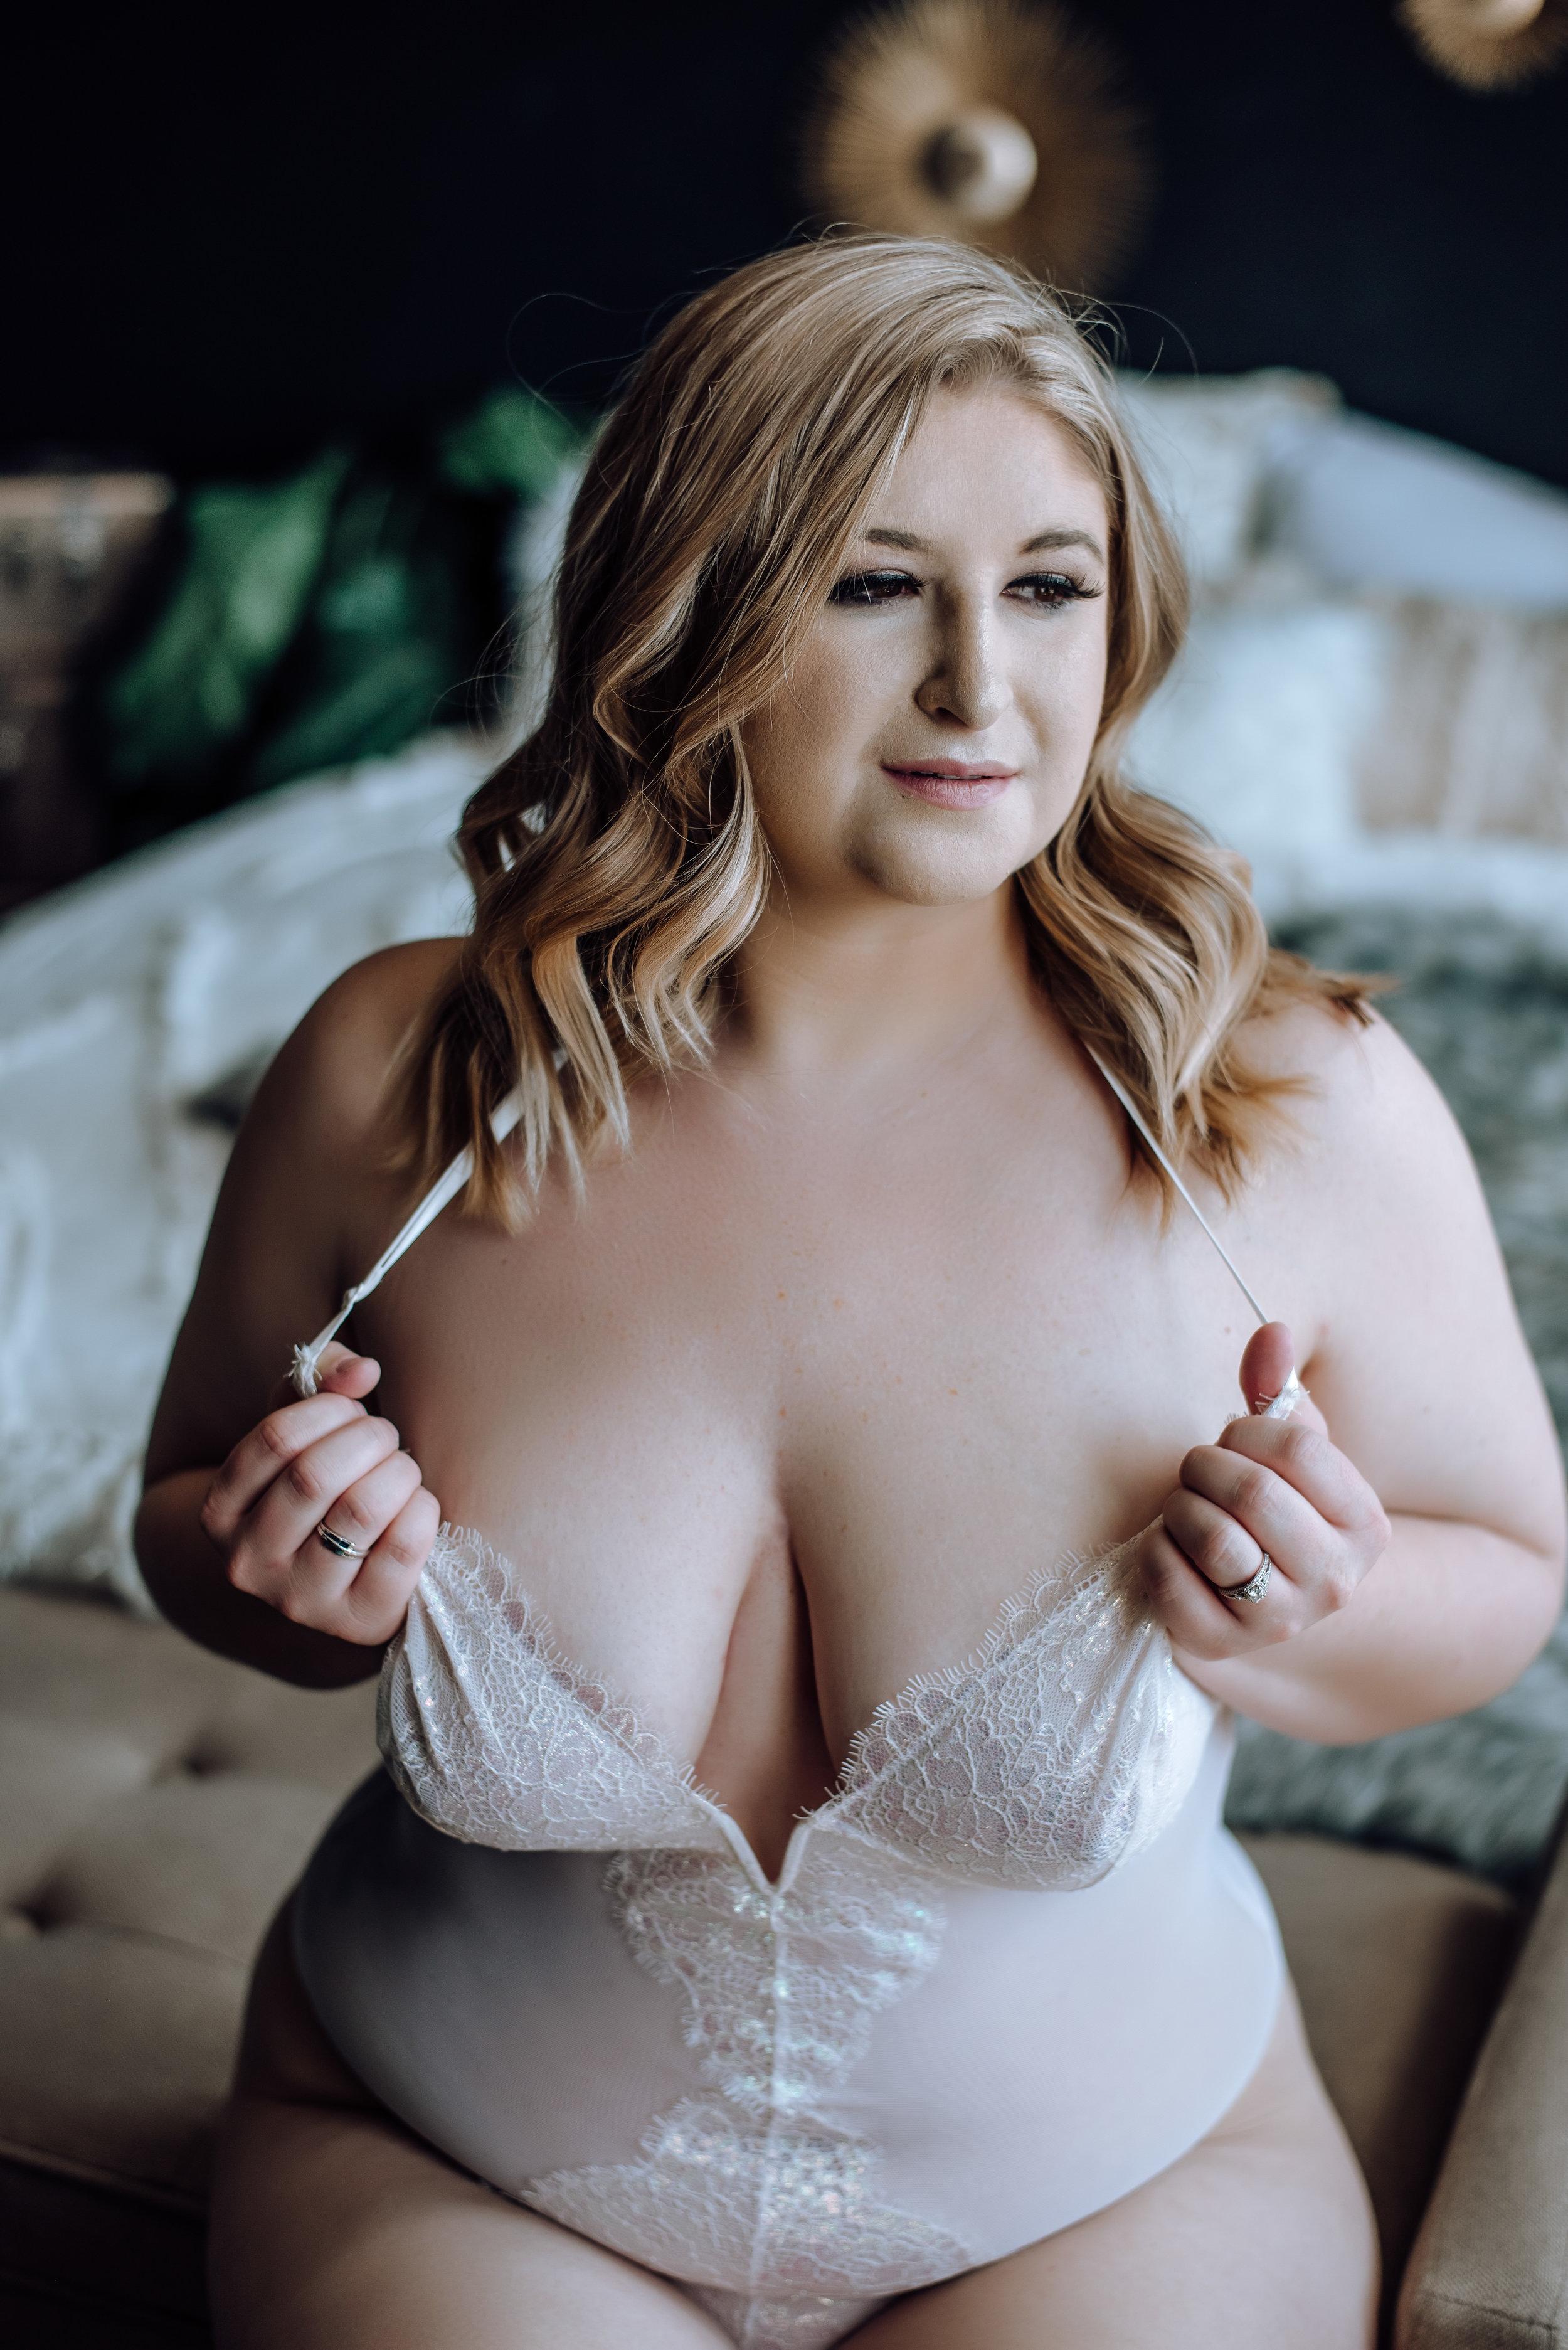 best boudoir photographer near me-10.jpg